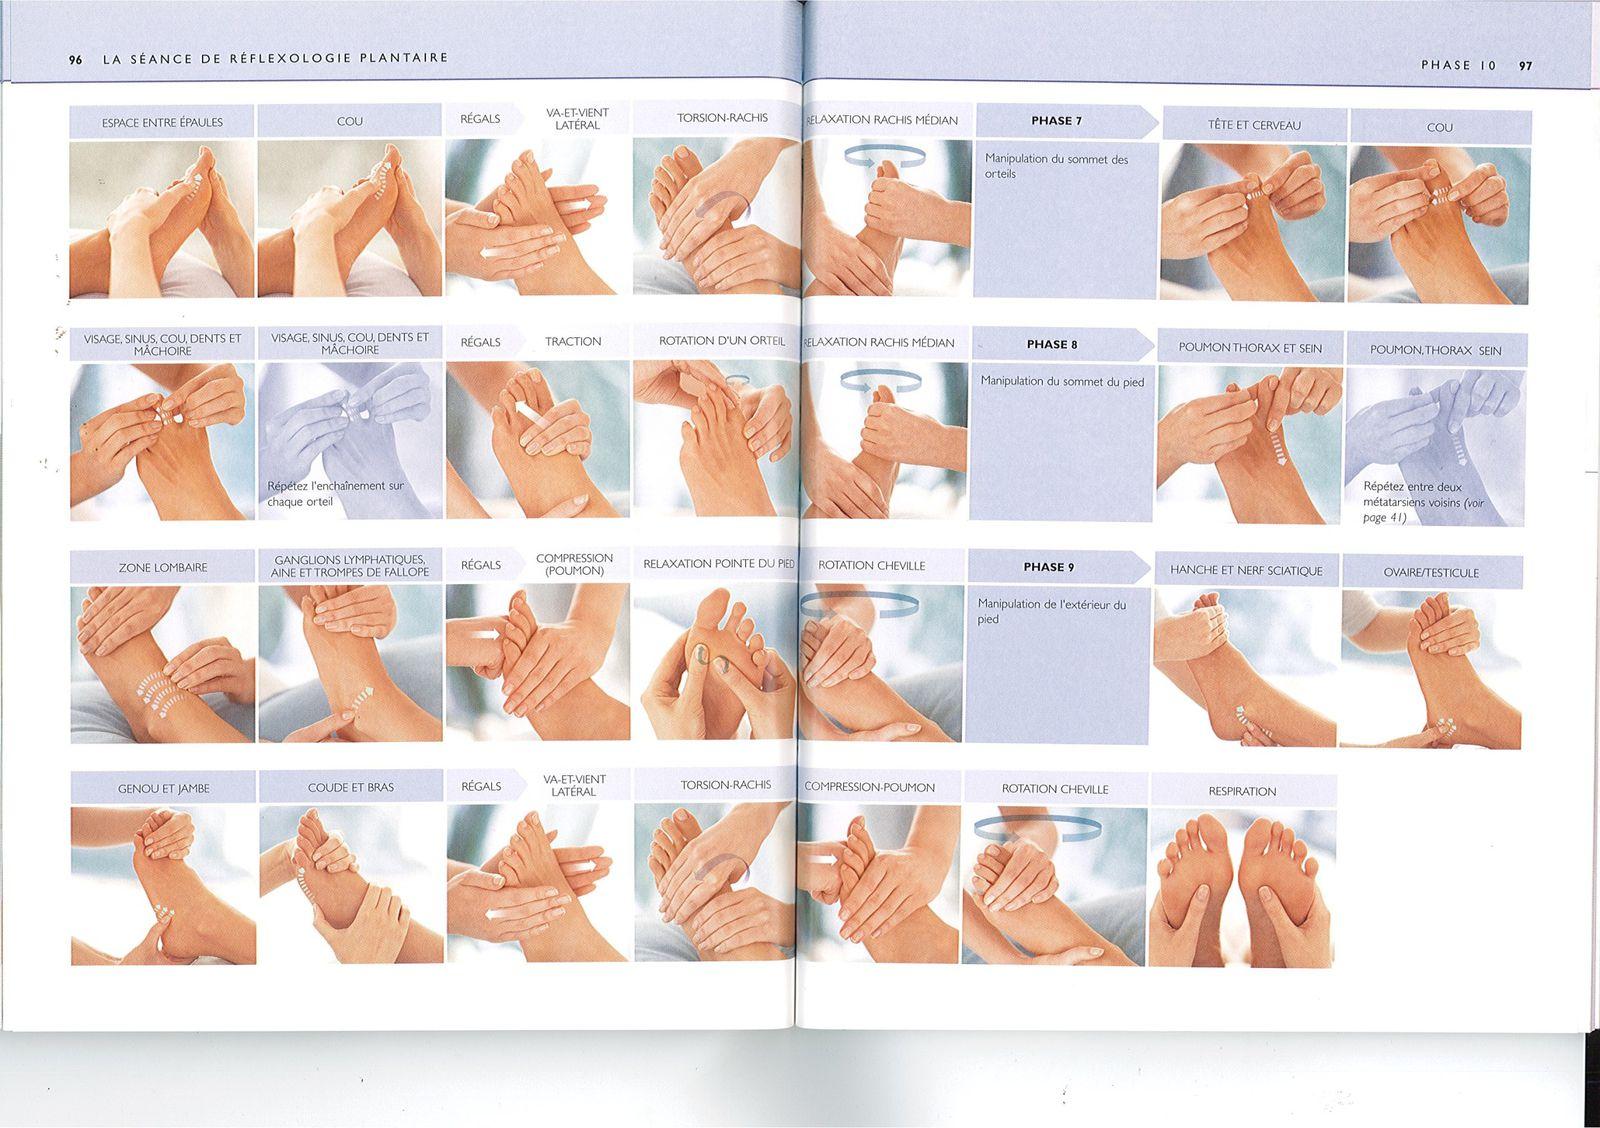 Réflexologie pour les pieds